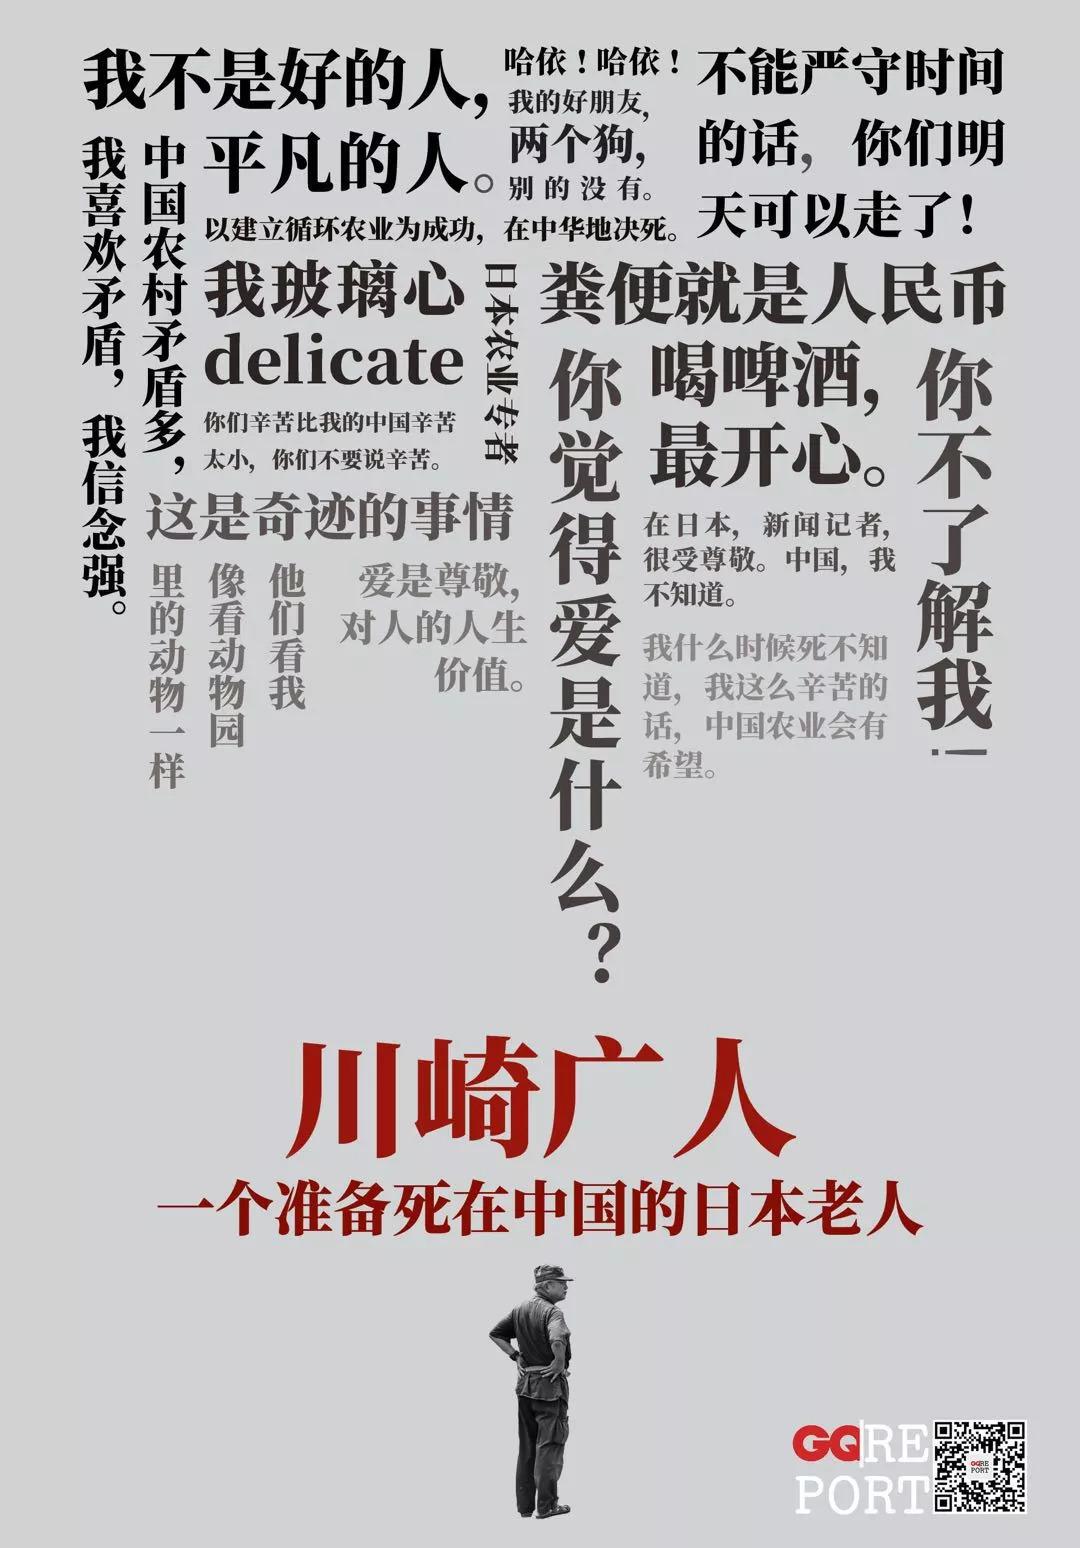 川崎广人:一个准备死在中国的日本老人